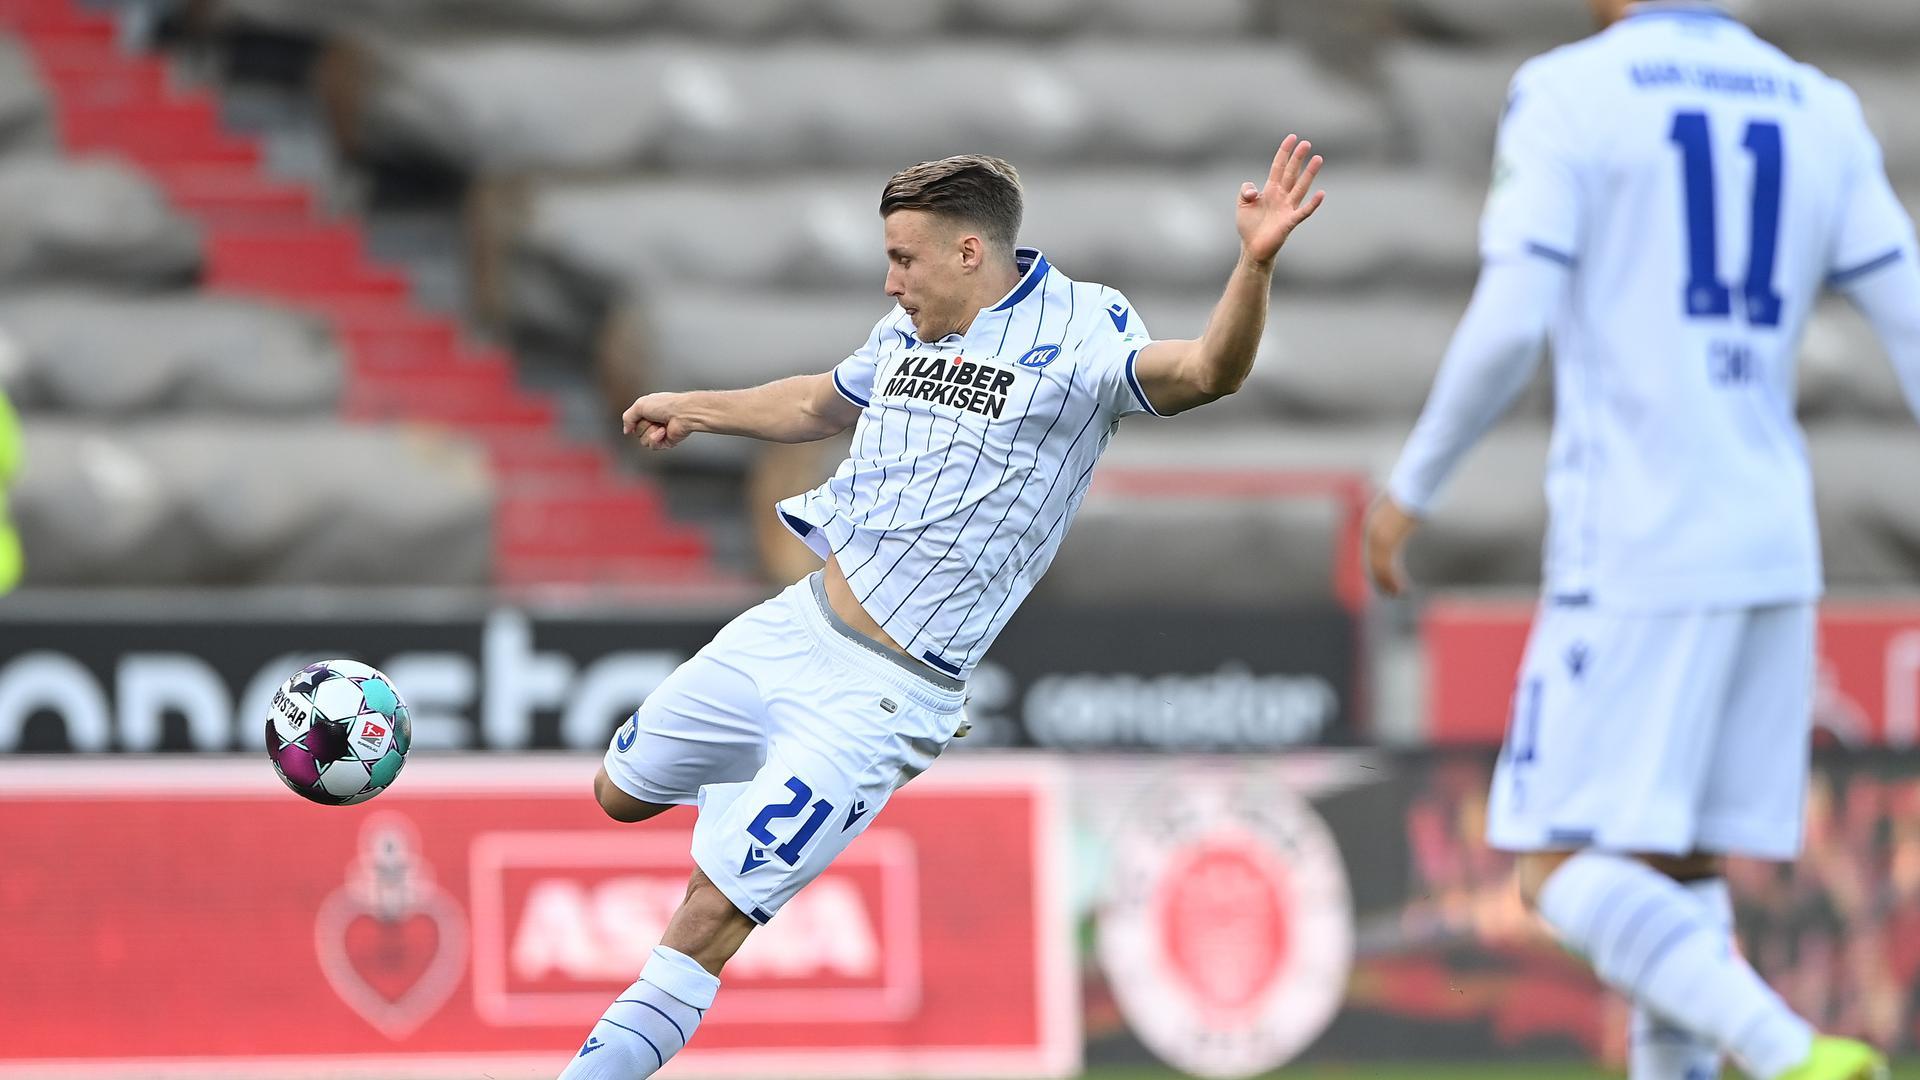 Schuss ins Glück: Karlsruhes Rechtsverteidiger hält in der vierten Spielminute am Millerntor einfach mal drauf und verschafft seiner Mannschaft damit den perfekten Start.